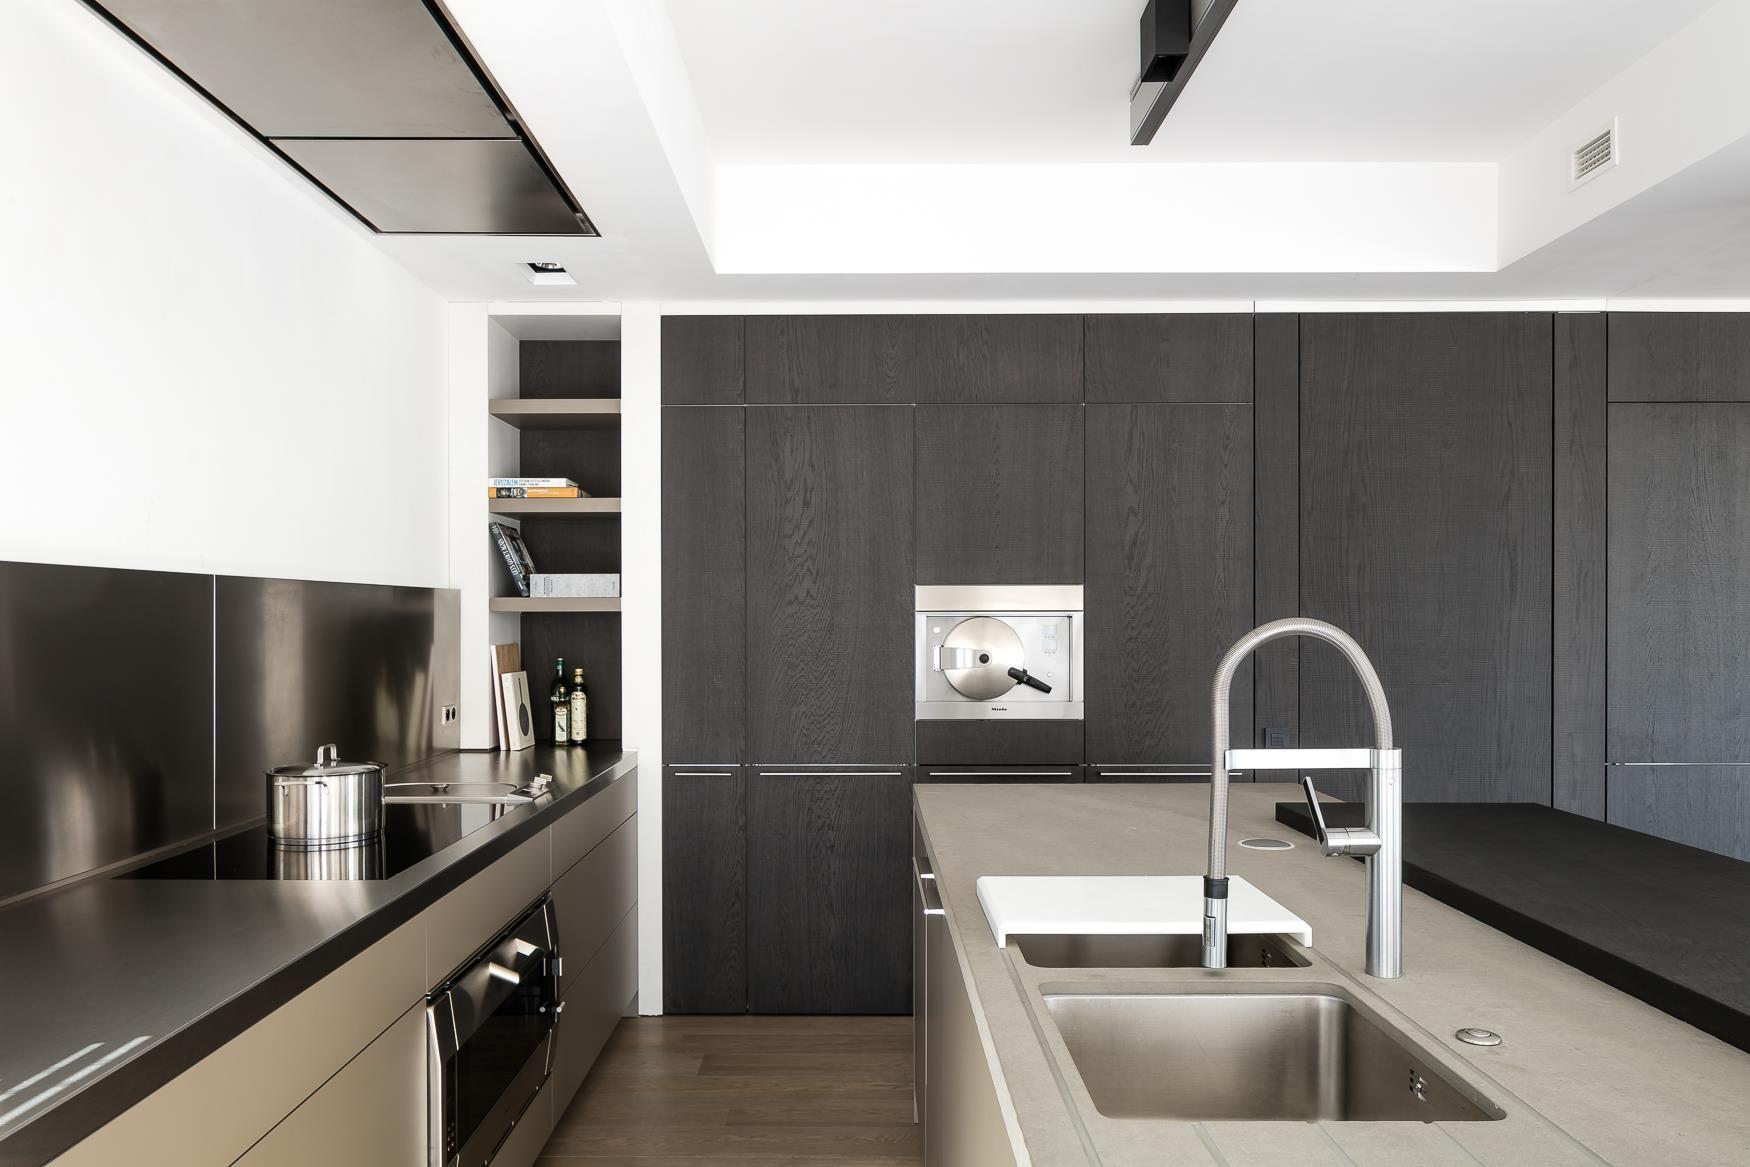 bulthaup   b3 keuken   in laminaat lehm en roestvrijstalen wandpanelen, samengebracht met de